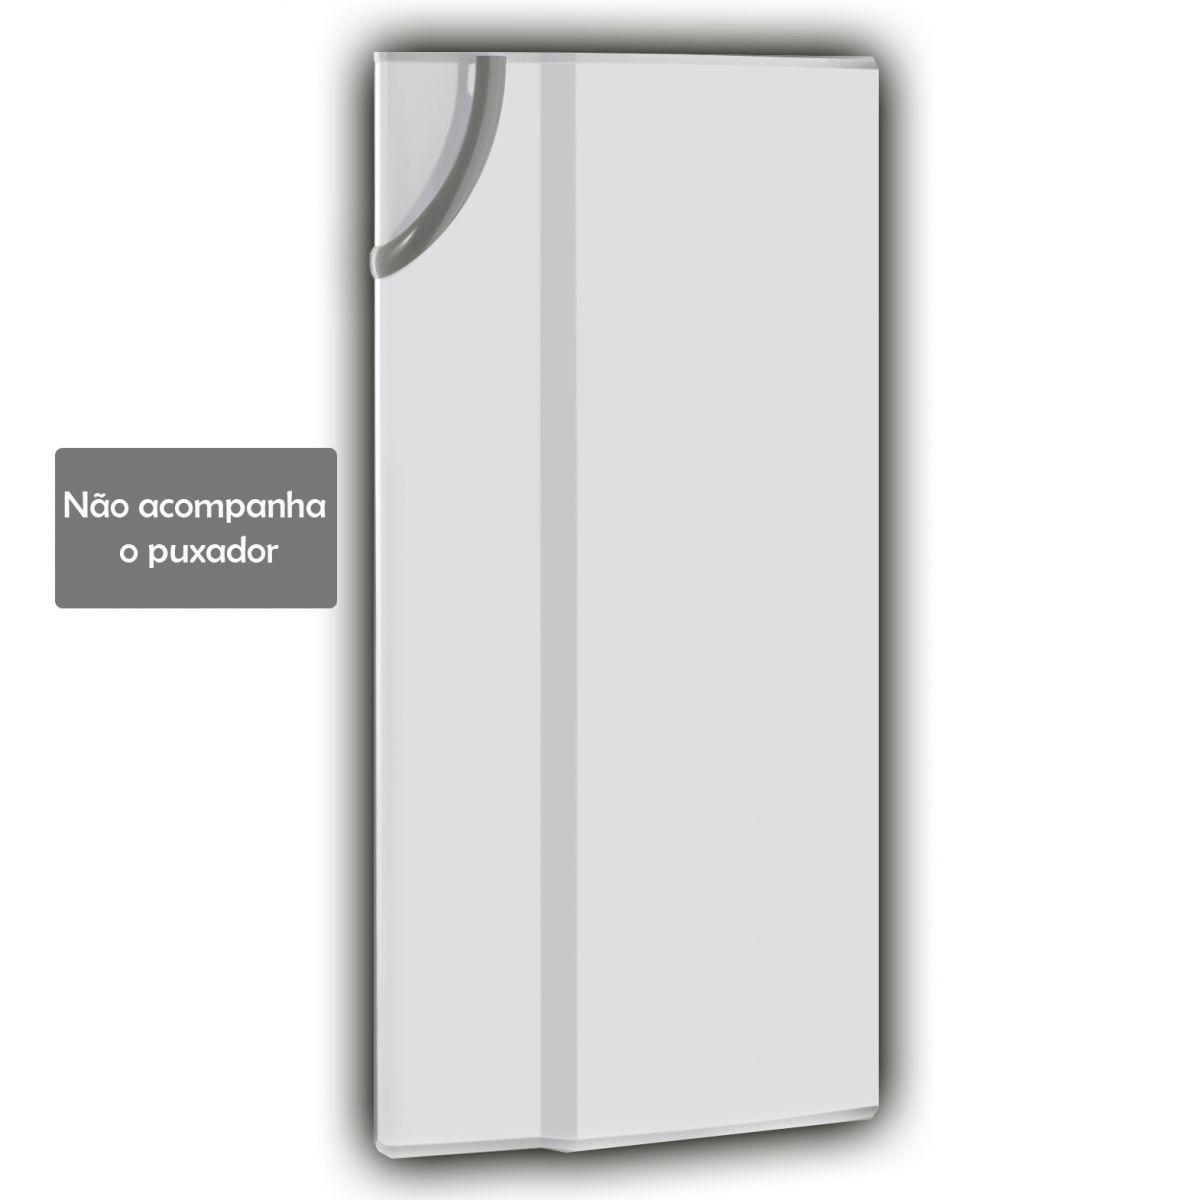 Porta Inferior Refrigerador Redk380 Branco  225D3461G002